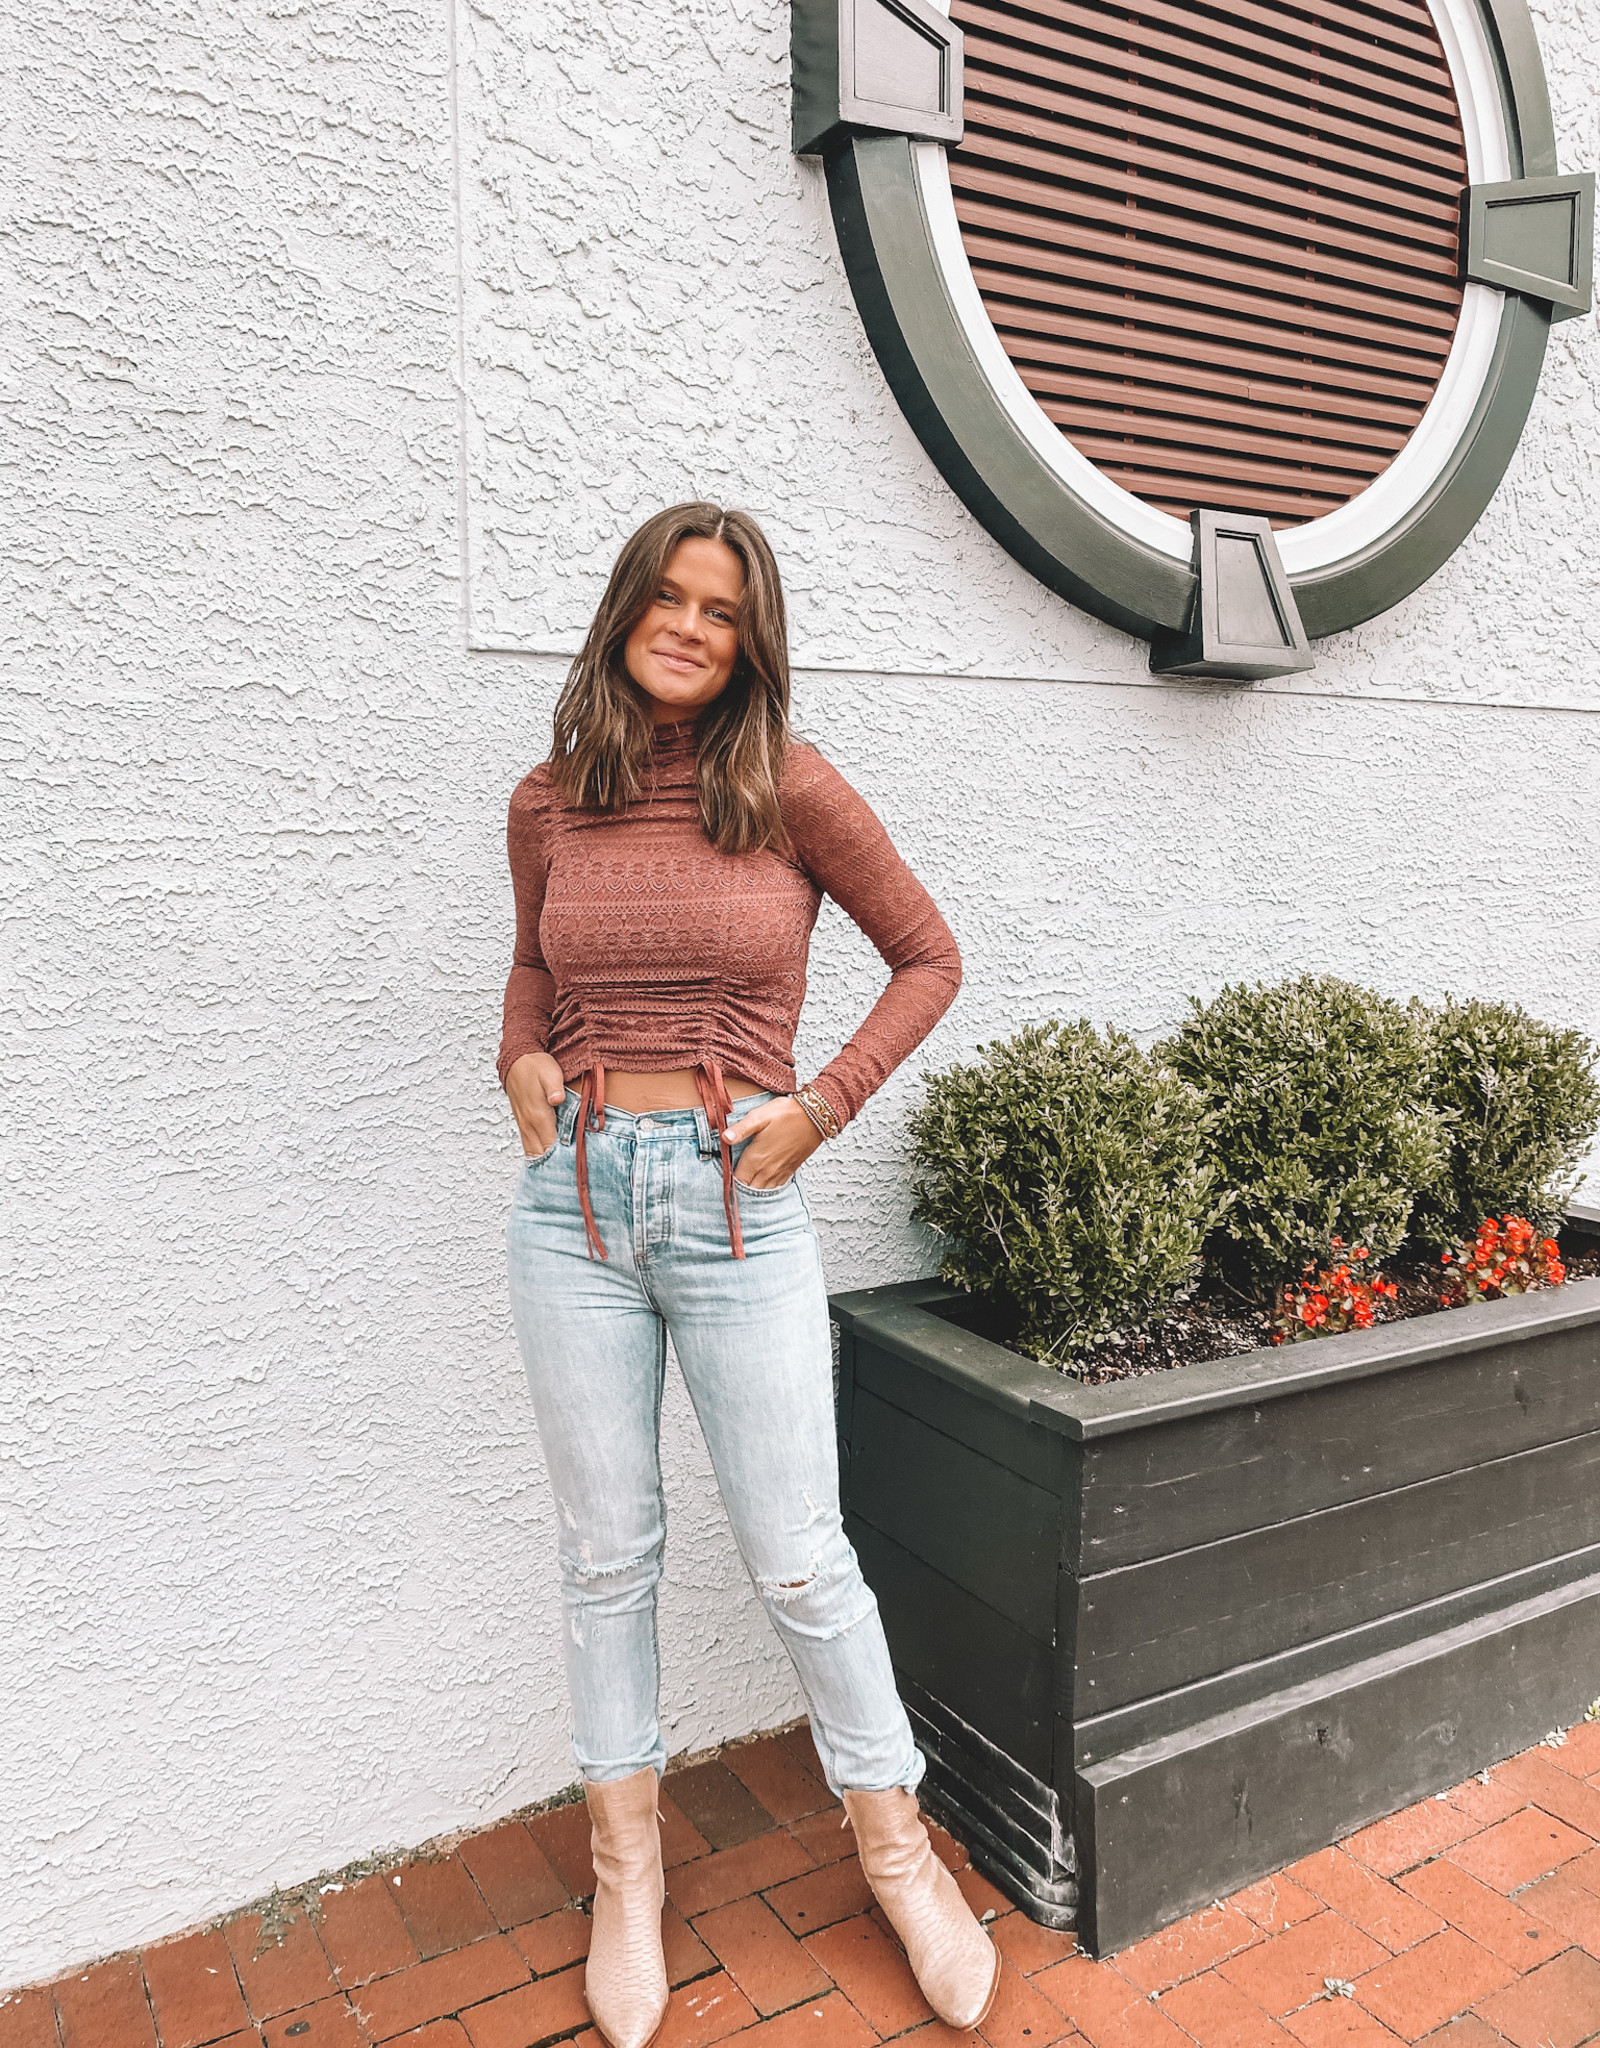 Catriona Boyfriend Jeans